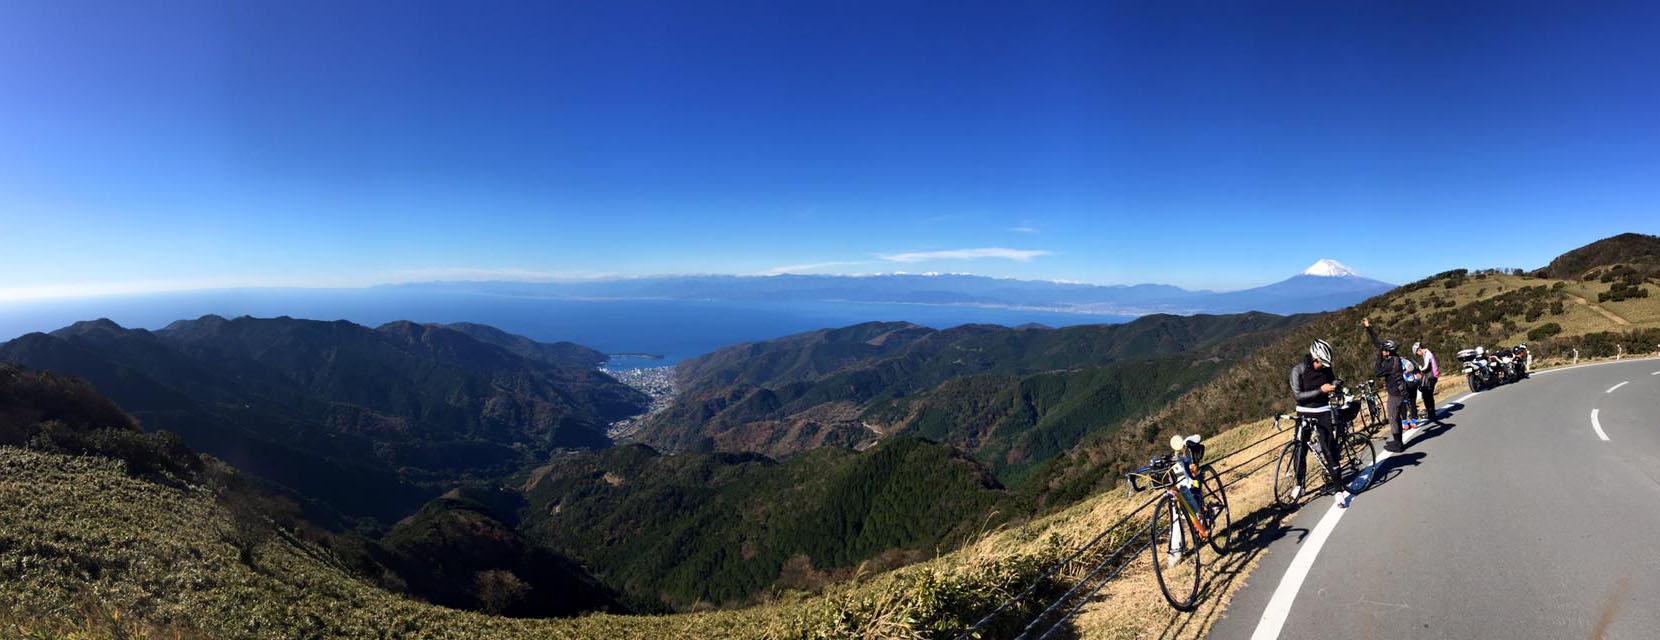 達磨山からの眺望(パノラマ写真)しんさん撮影 クイックで拡大